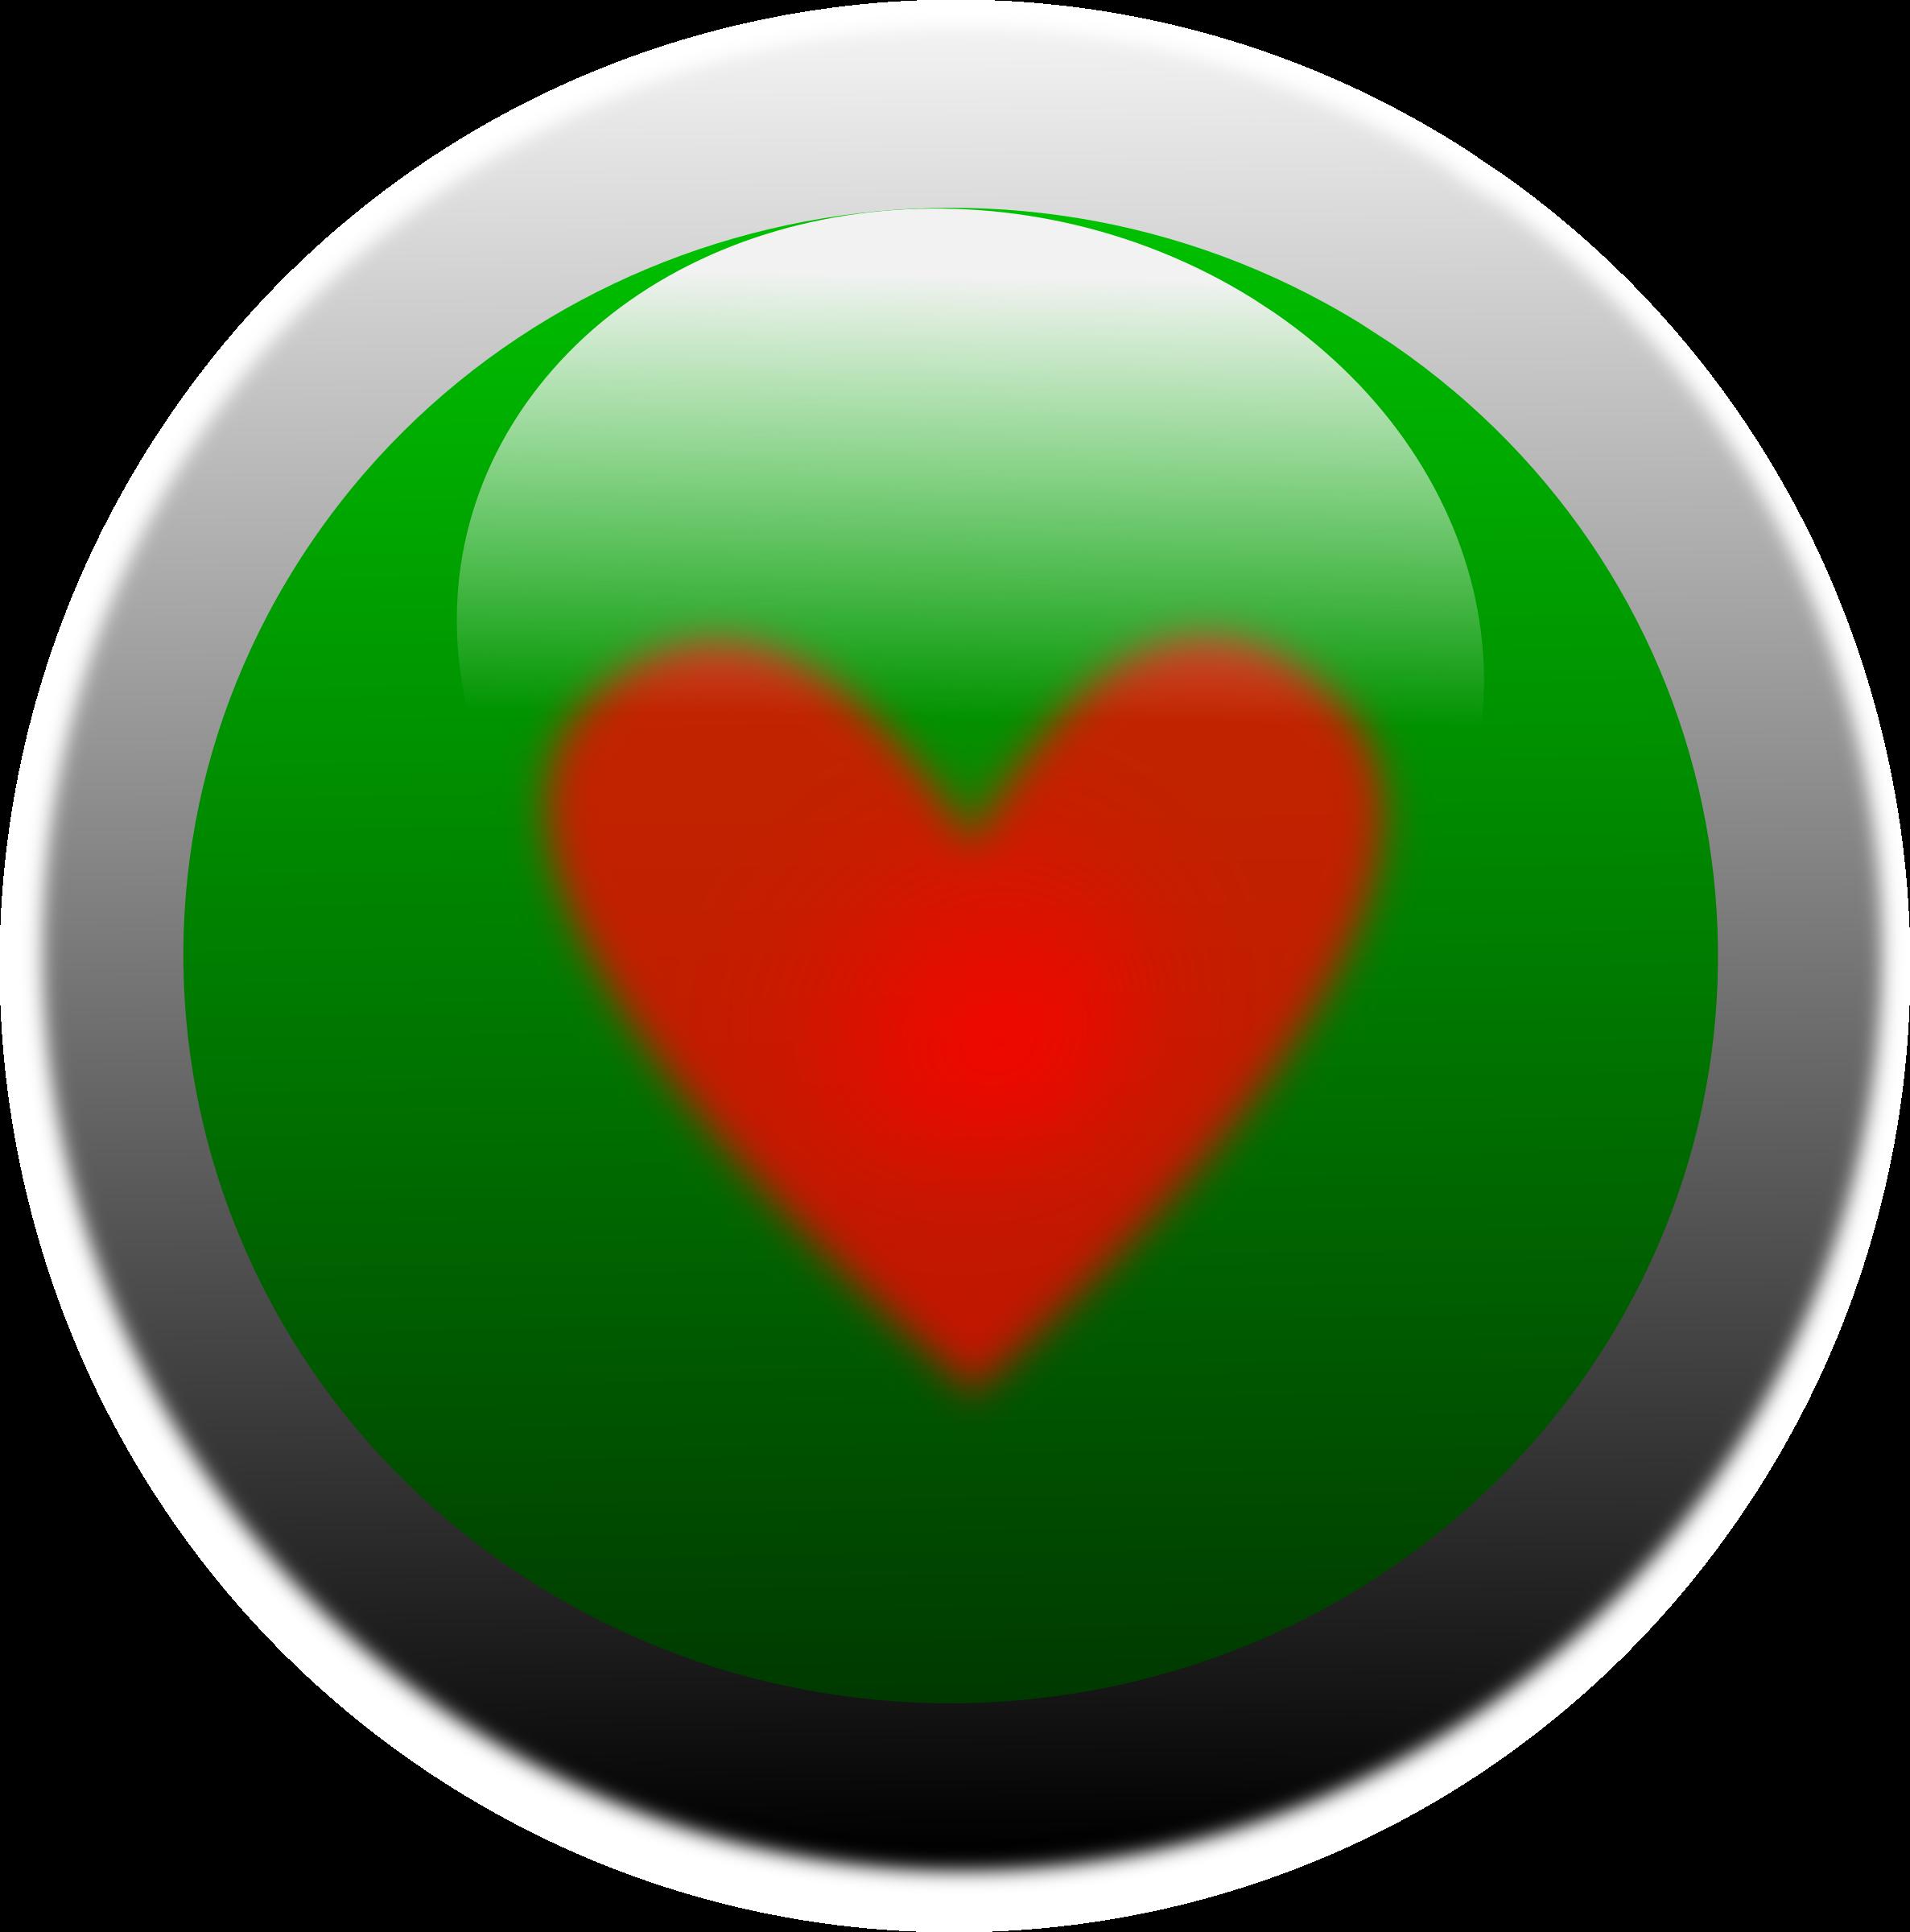 Heart button clipart graphic transparent download Clipart - Love button graphic transparent download